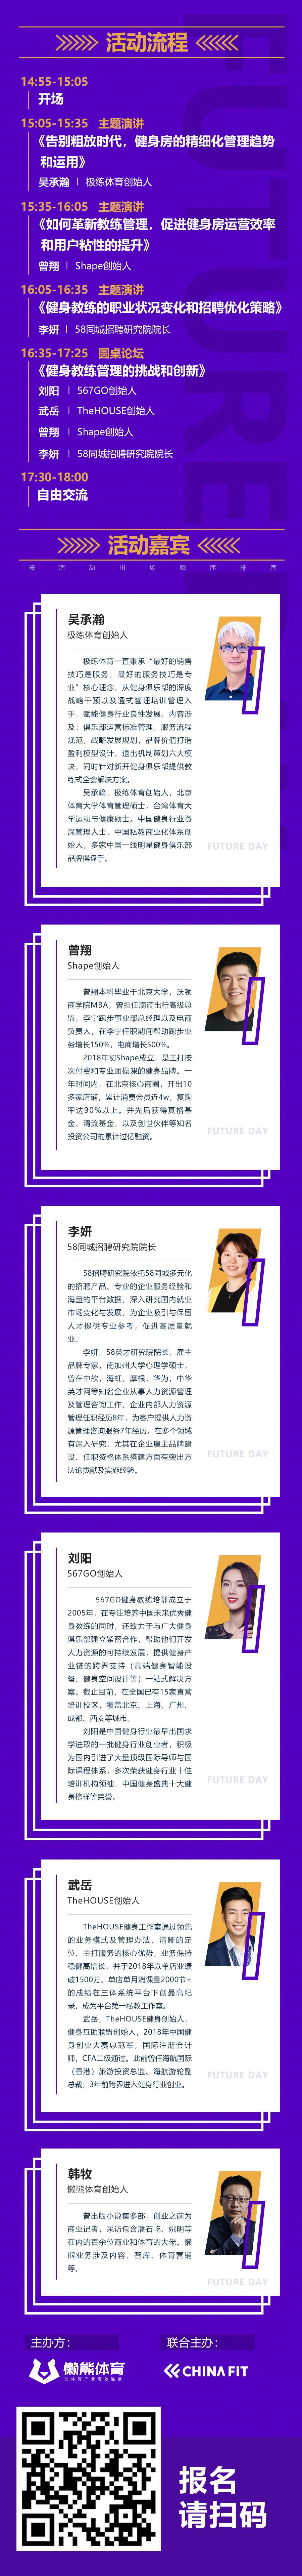 6月18日「健身創新管理趨勢論壇」北京舉辦,報名從速 | 懶熊FutureDay